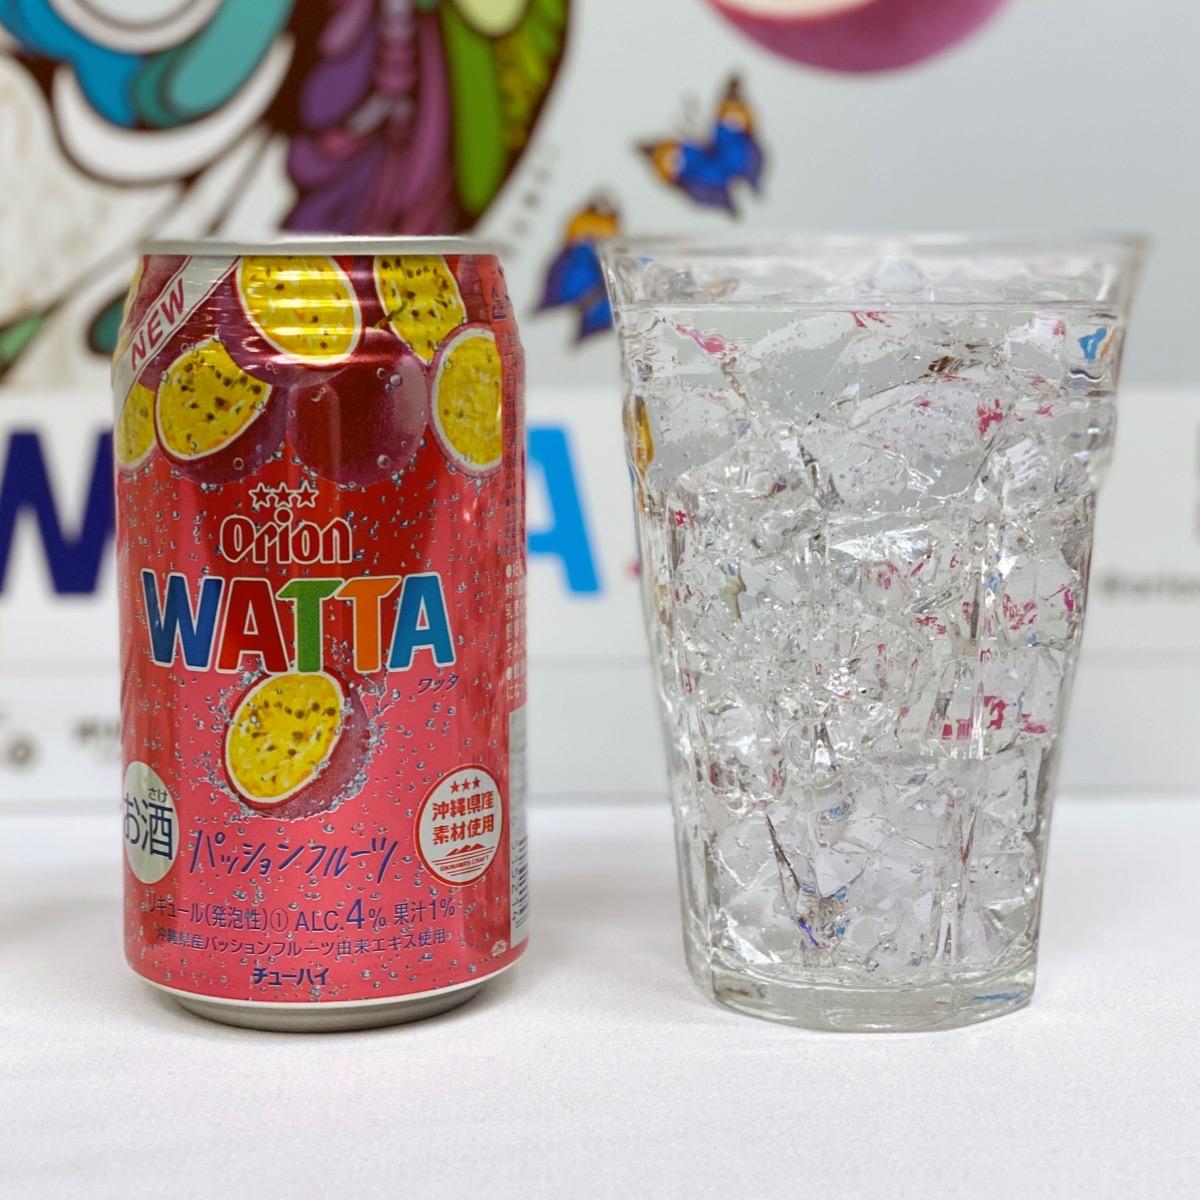 オリオンビールのチューハイWATTAワッタパッションフルーツ